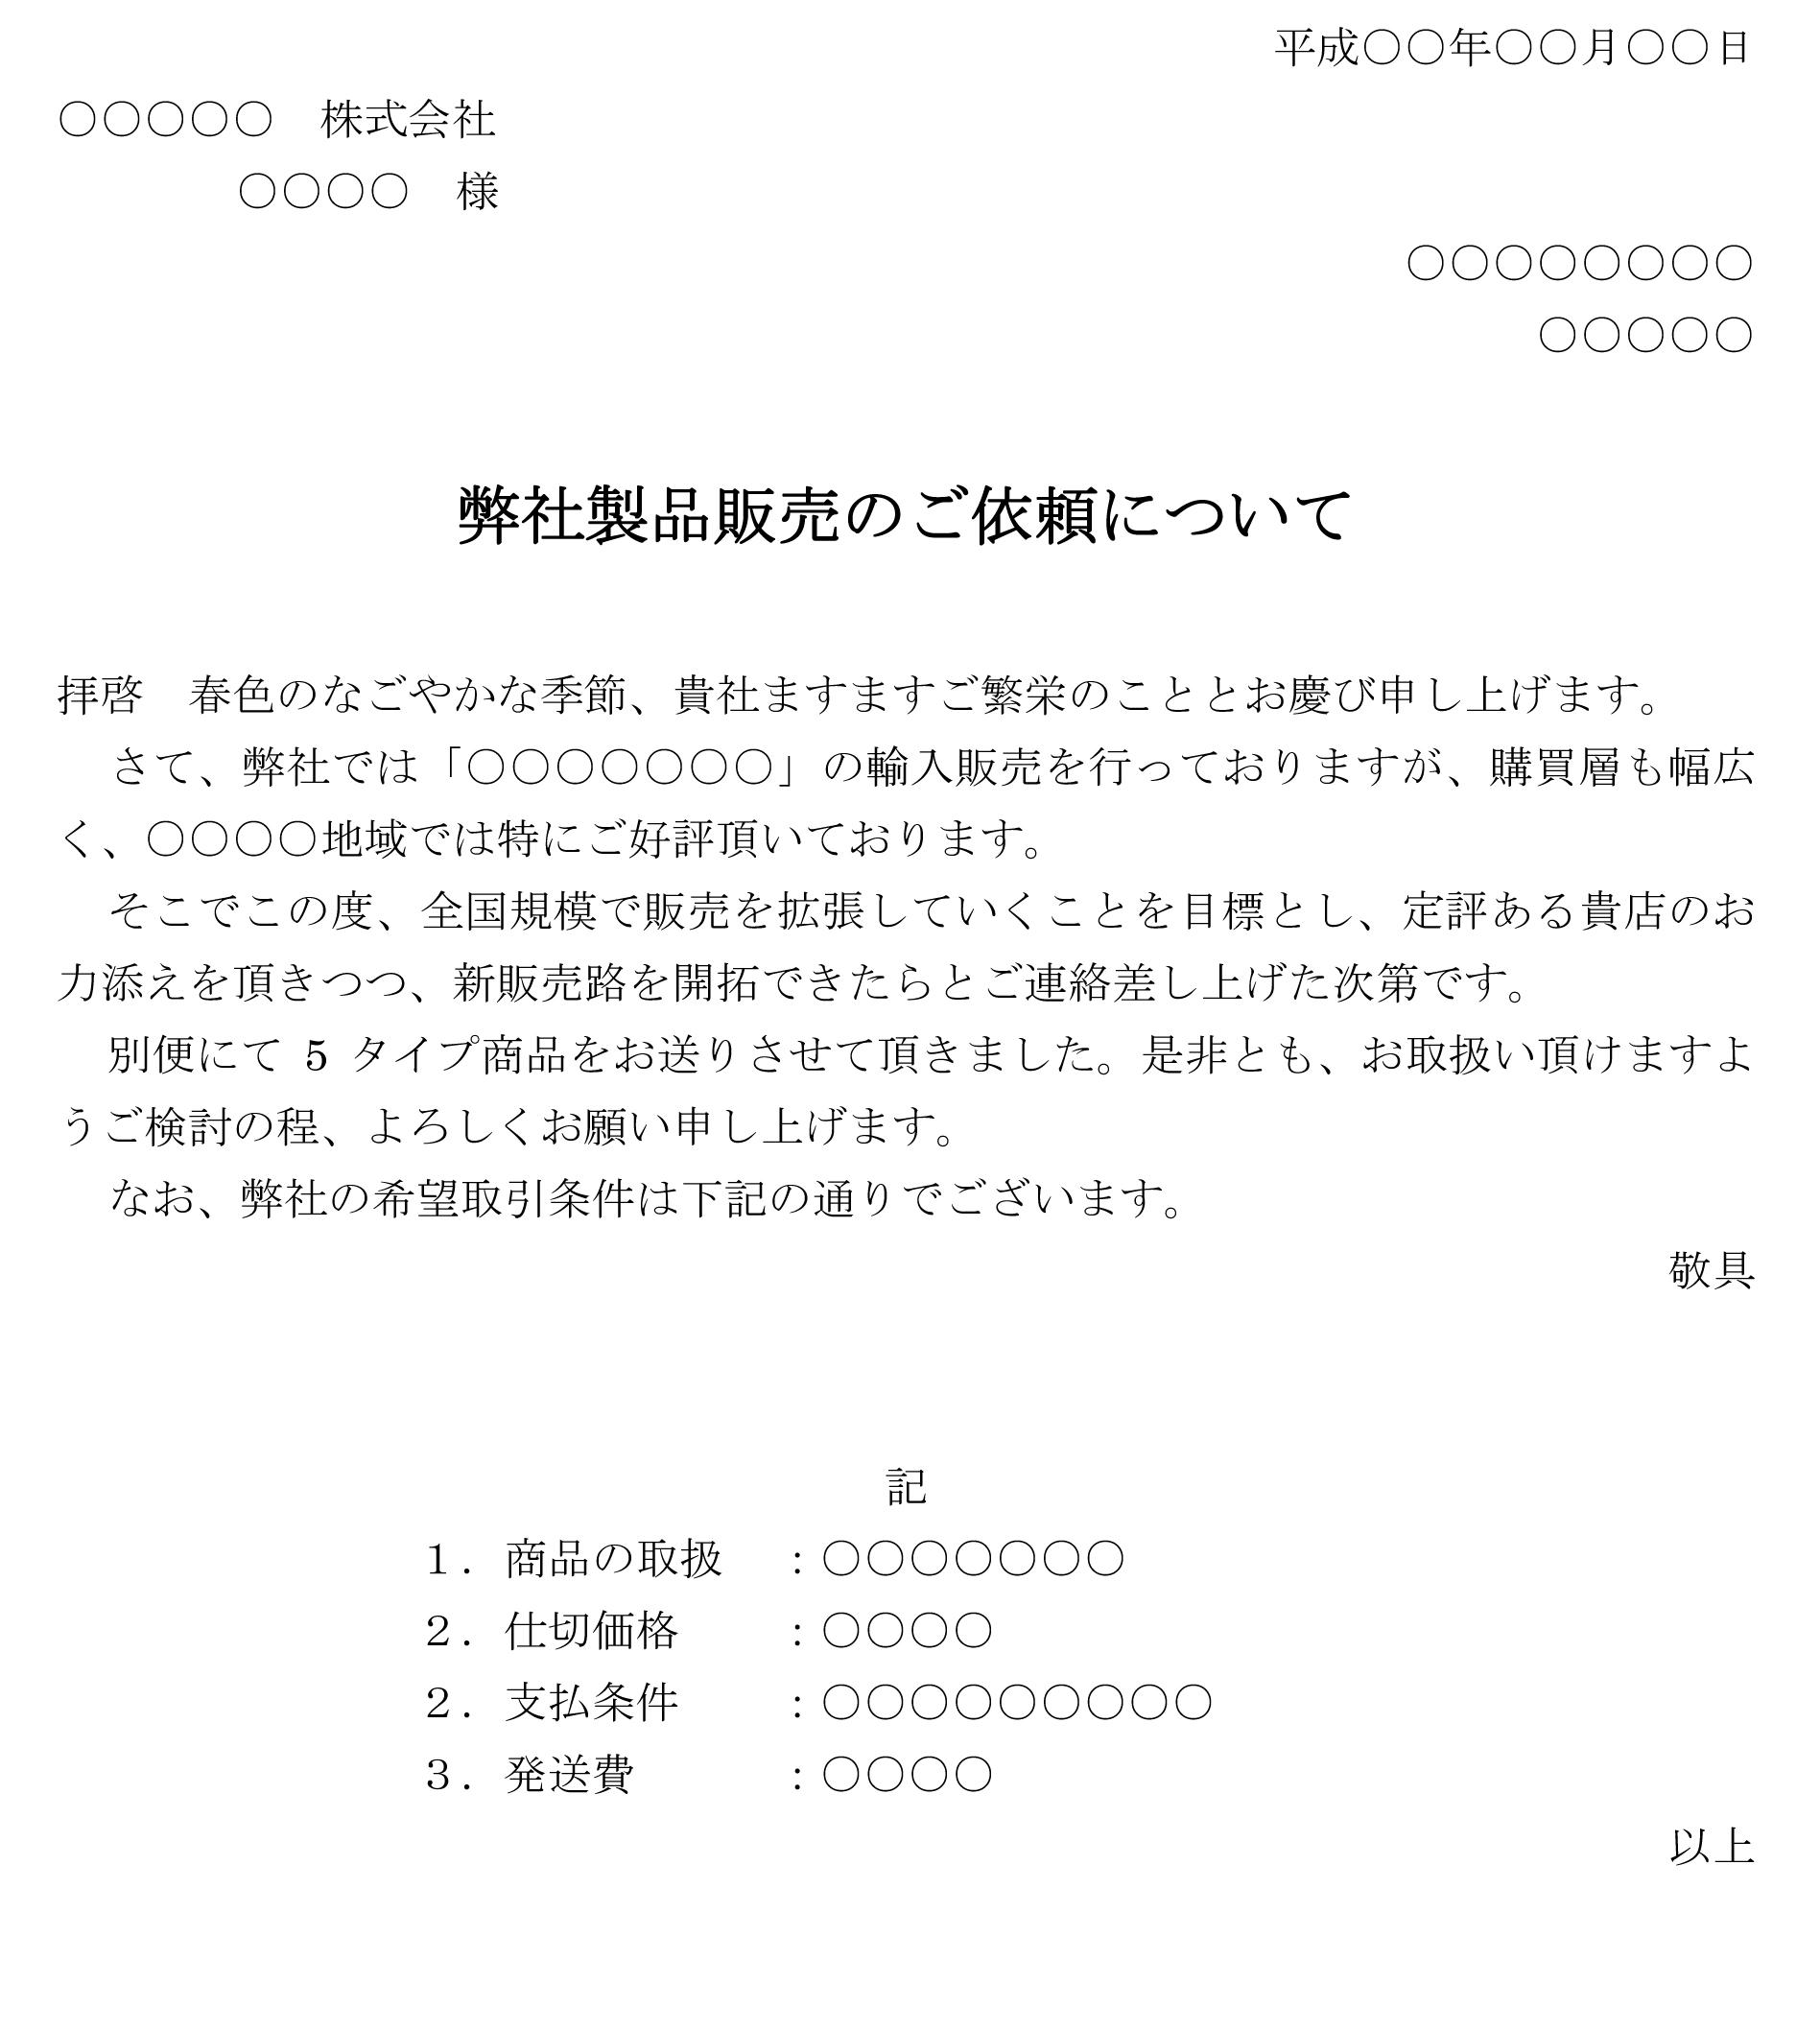 依頼状(製品販売)